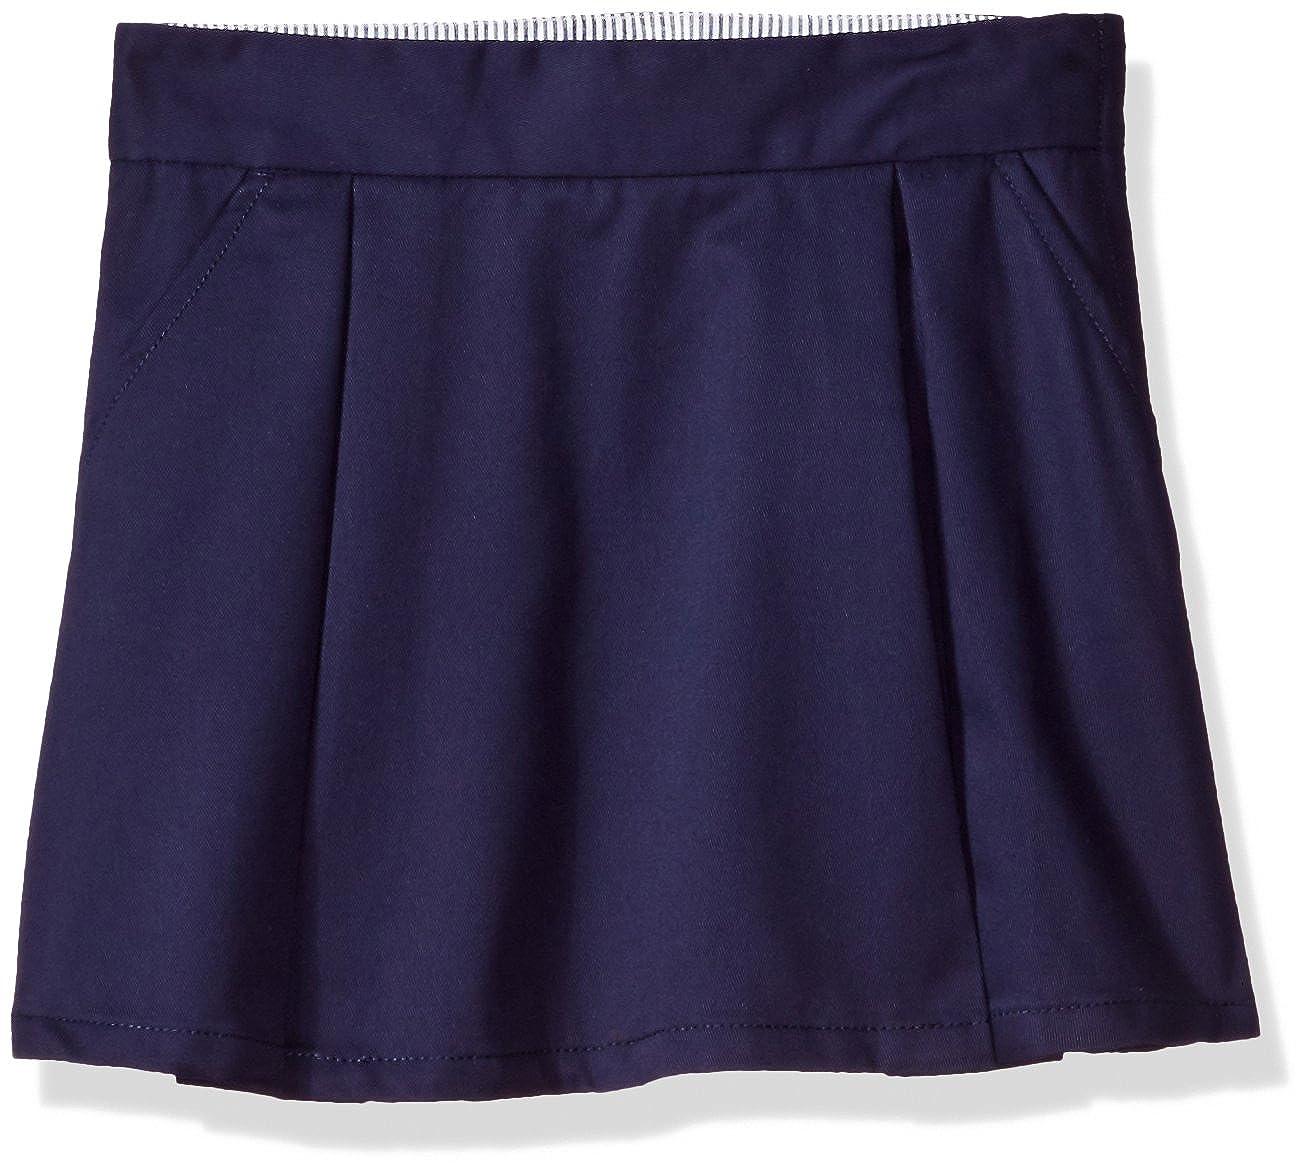 Gymboree Girls' Little School Uniform Skirt